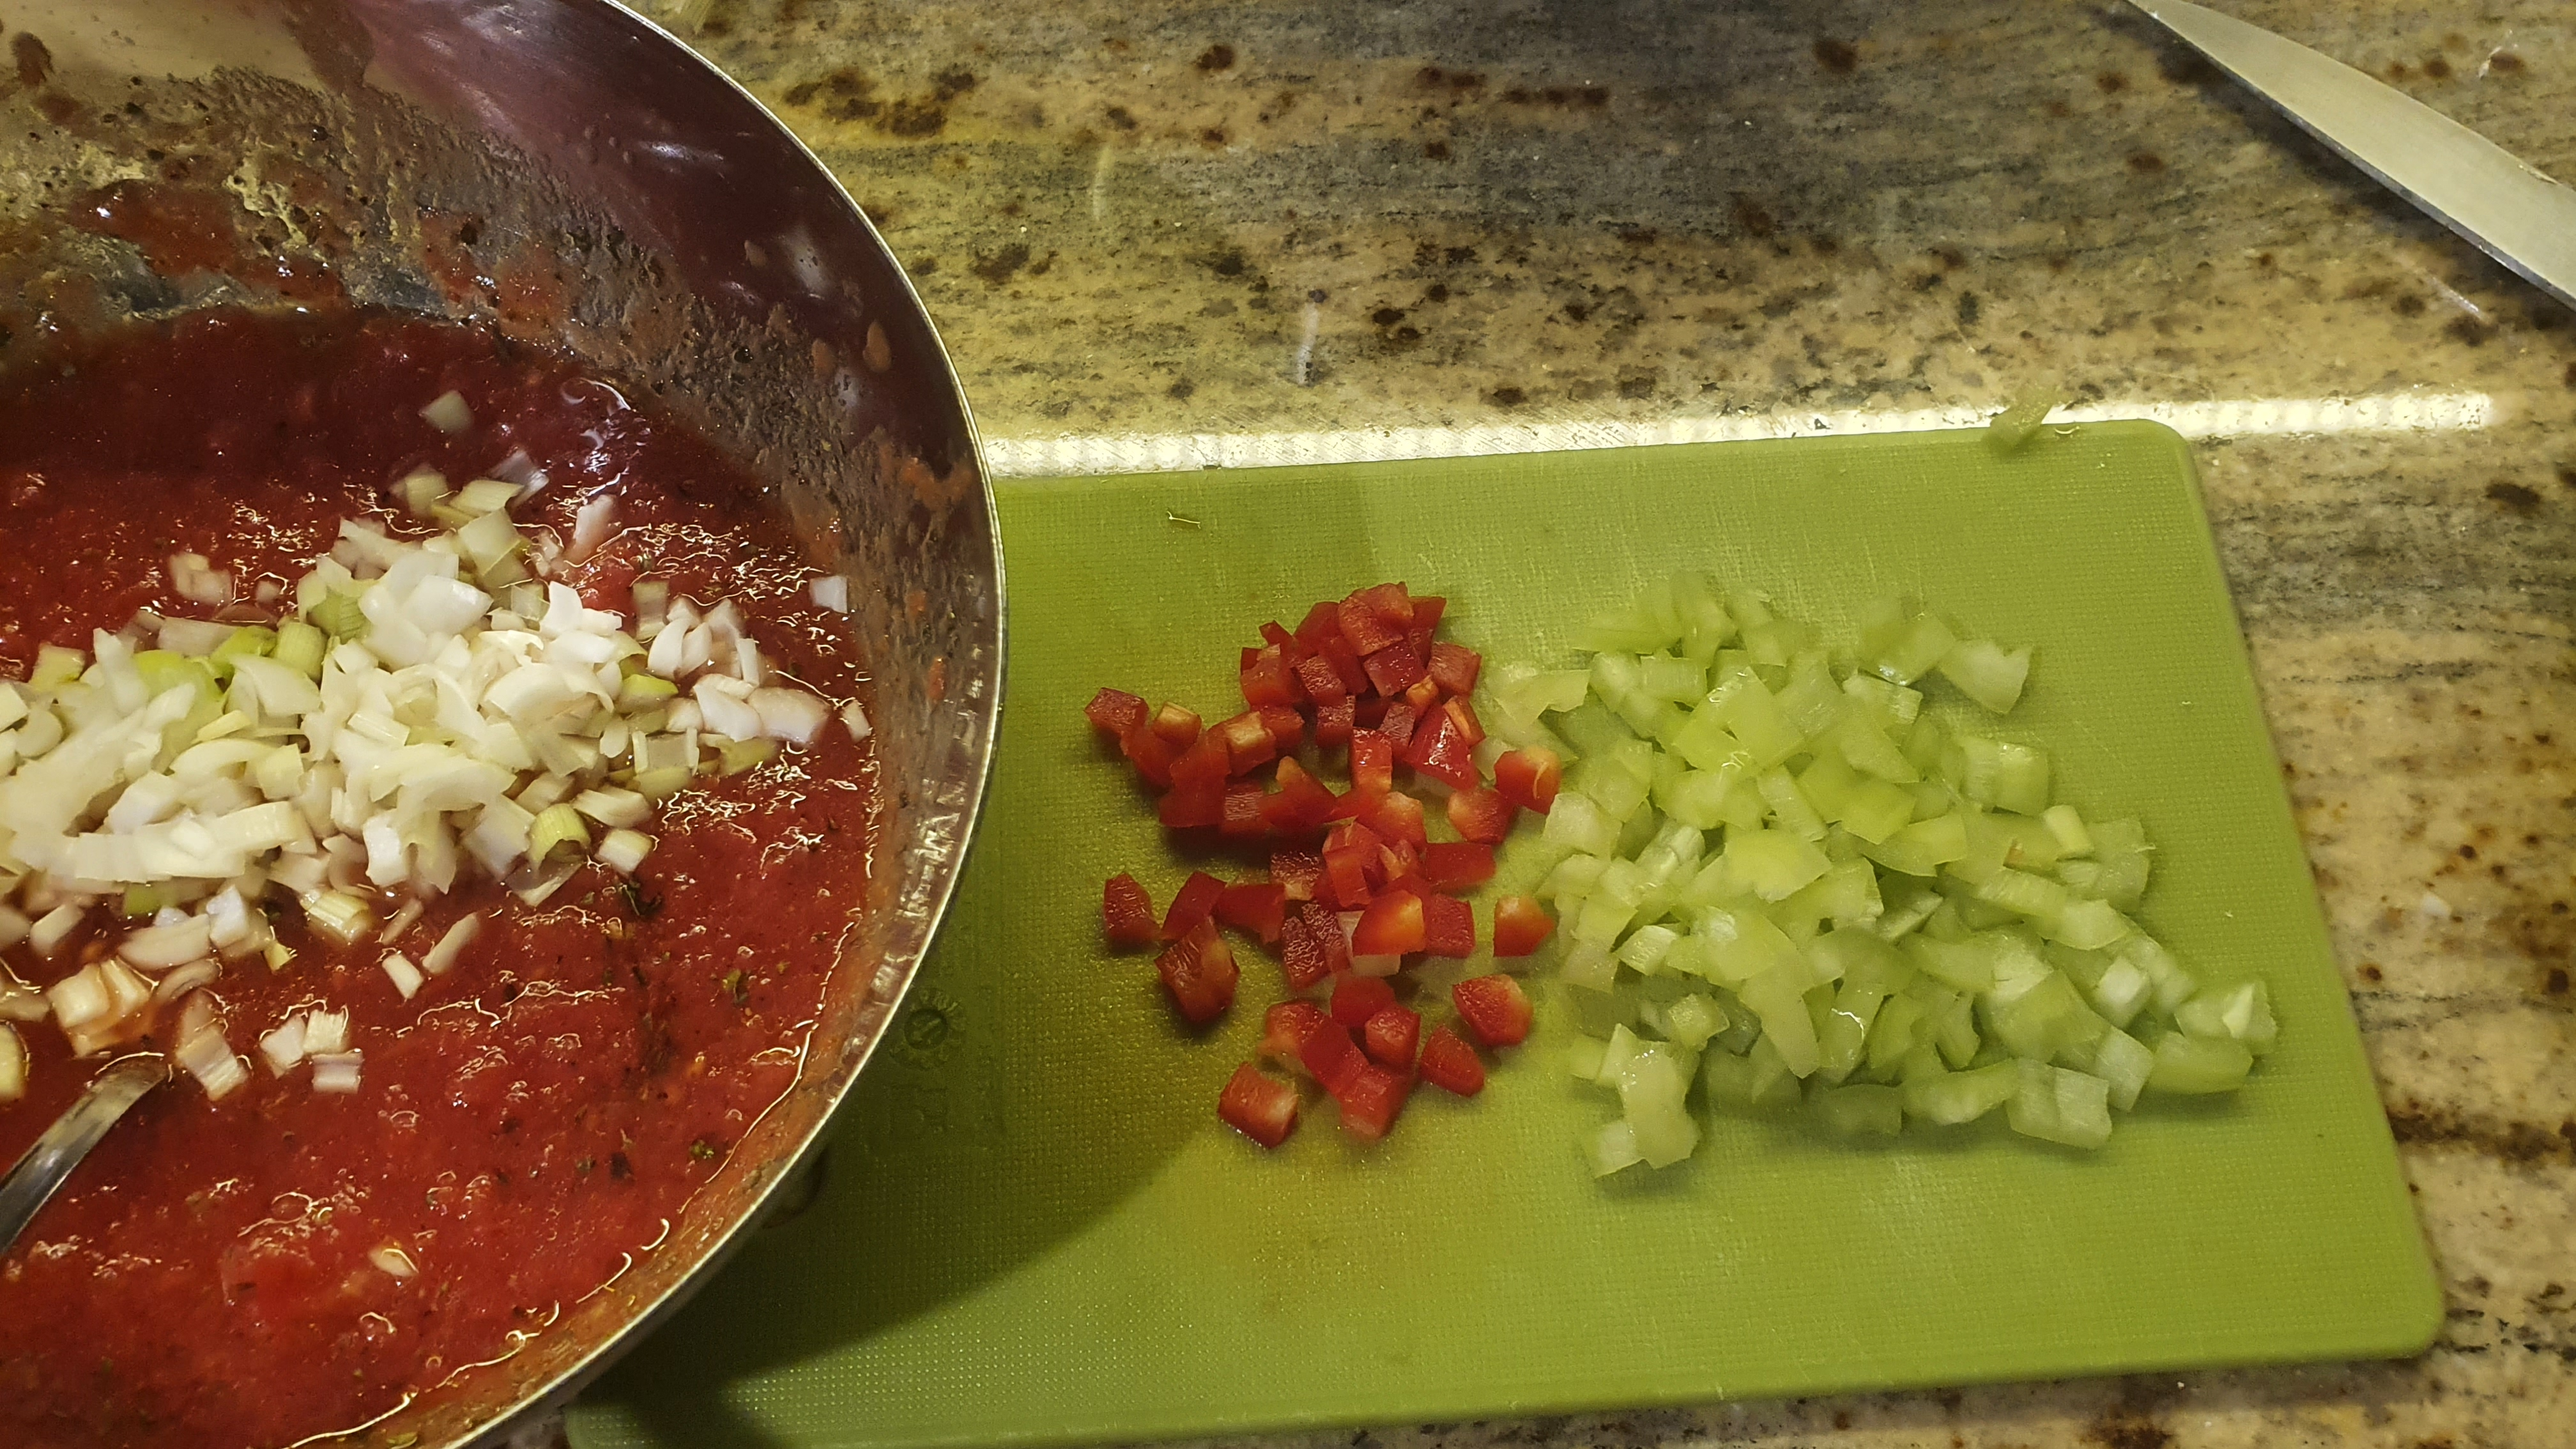 Cibuľky, papriky a hrsť čerstvého koriandru nasekáme na malé kúsky a vmiešame do zmesi. Na záver ochutíme šťavou z polovice limetky a rovnakým množstvom olivového oleja. Čo sa týka chilli, môžete pridať čerstvú nasekanú papričku, mletú verziu alebo chilli olej. Množstvo závisí od vašich chuťových buniek.